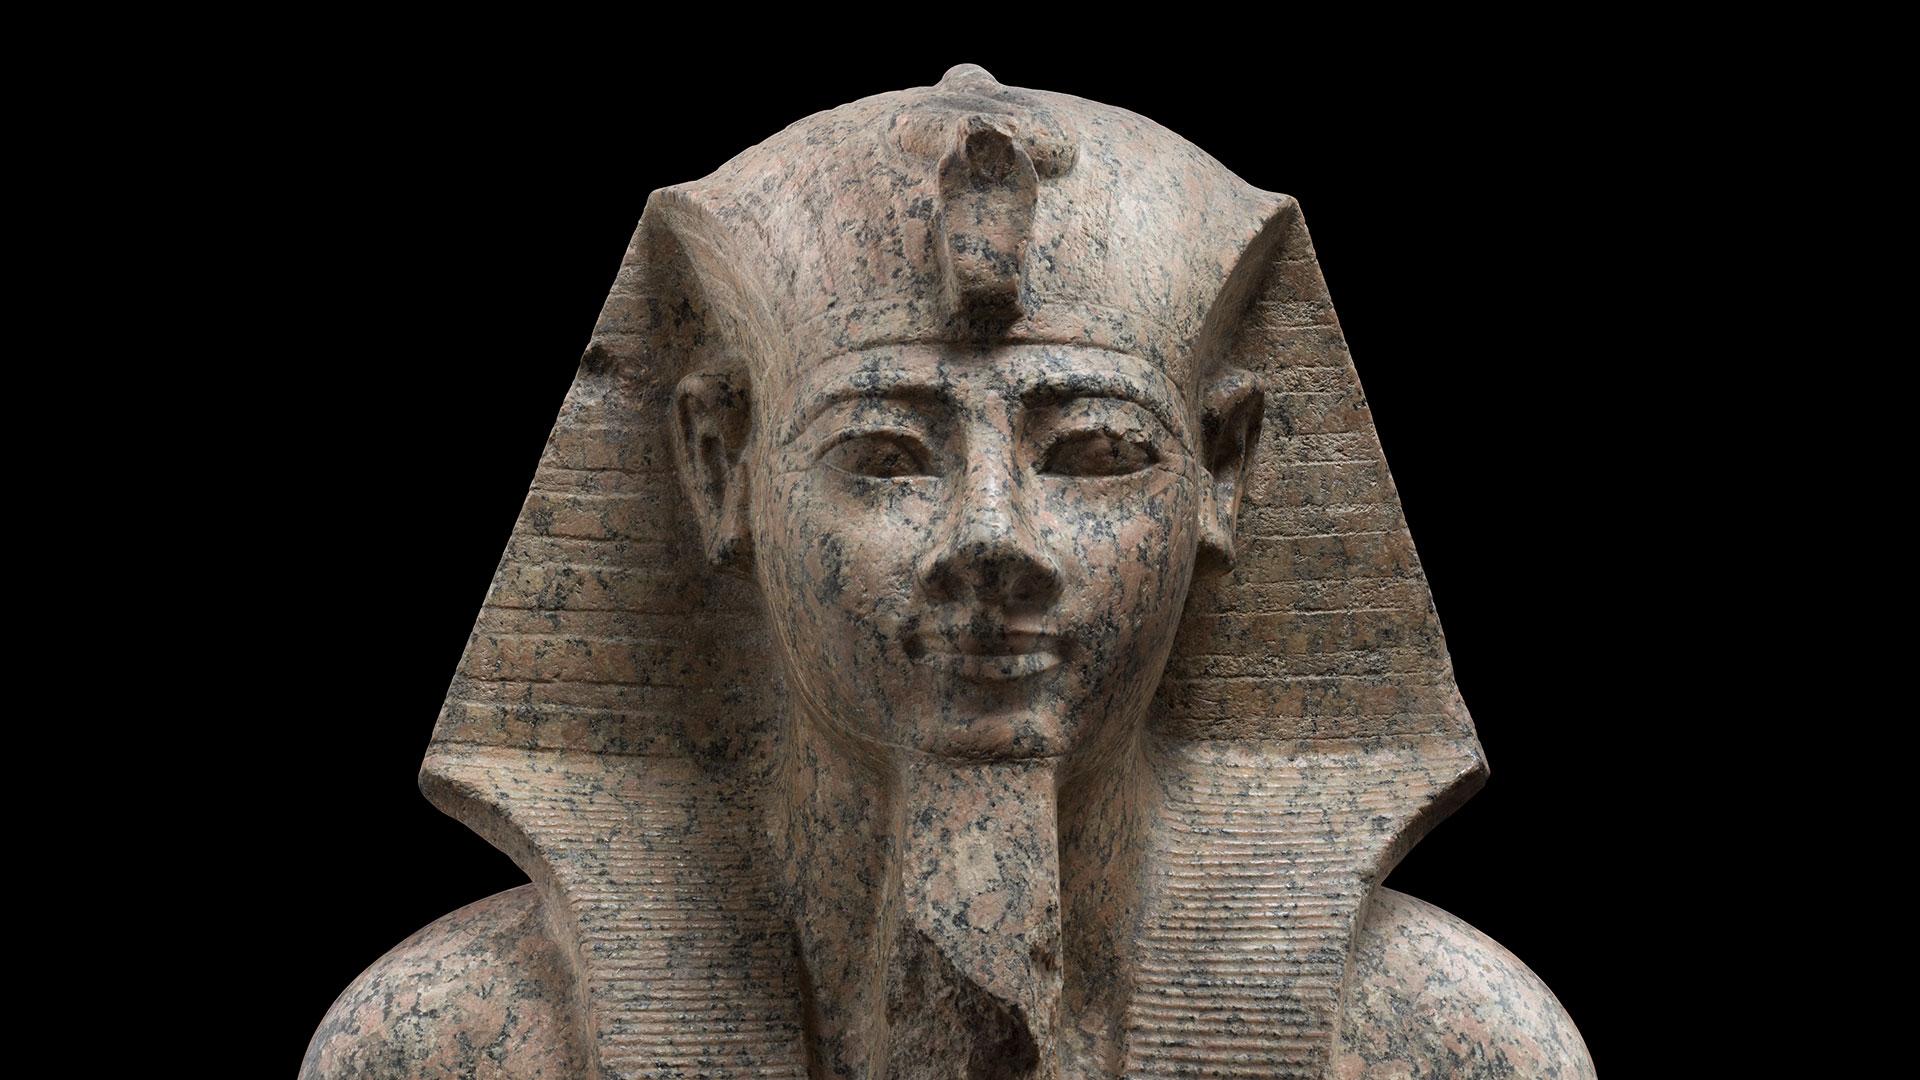 Faarao Amenhotep II:n hallitsi Egyptiä 1427–1401 eaa. Patsas on valmistettu graniitista ja nähtävilää Amos Rex -museolla Helsingissä. Patsas on lainssa torinolaisesta Museo Egizio -museosta.